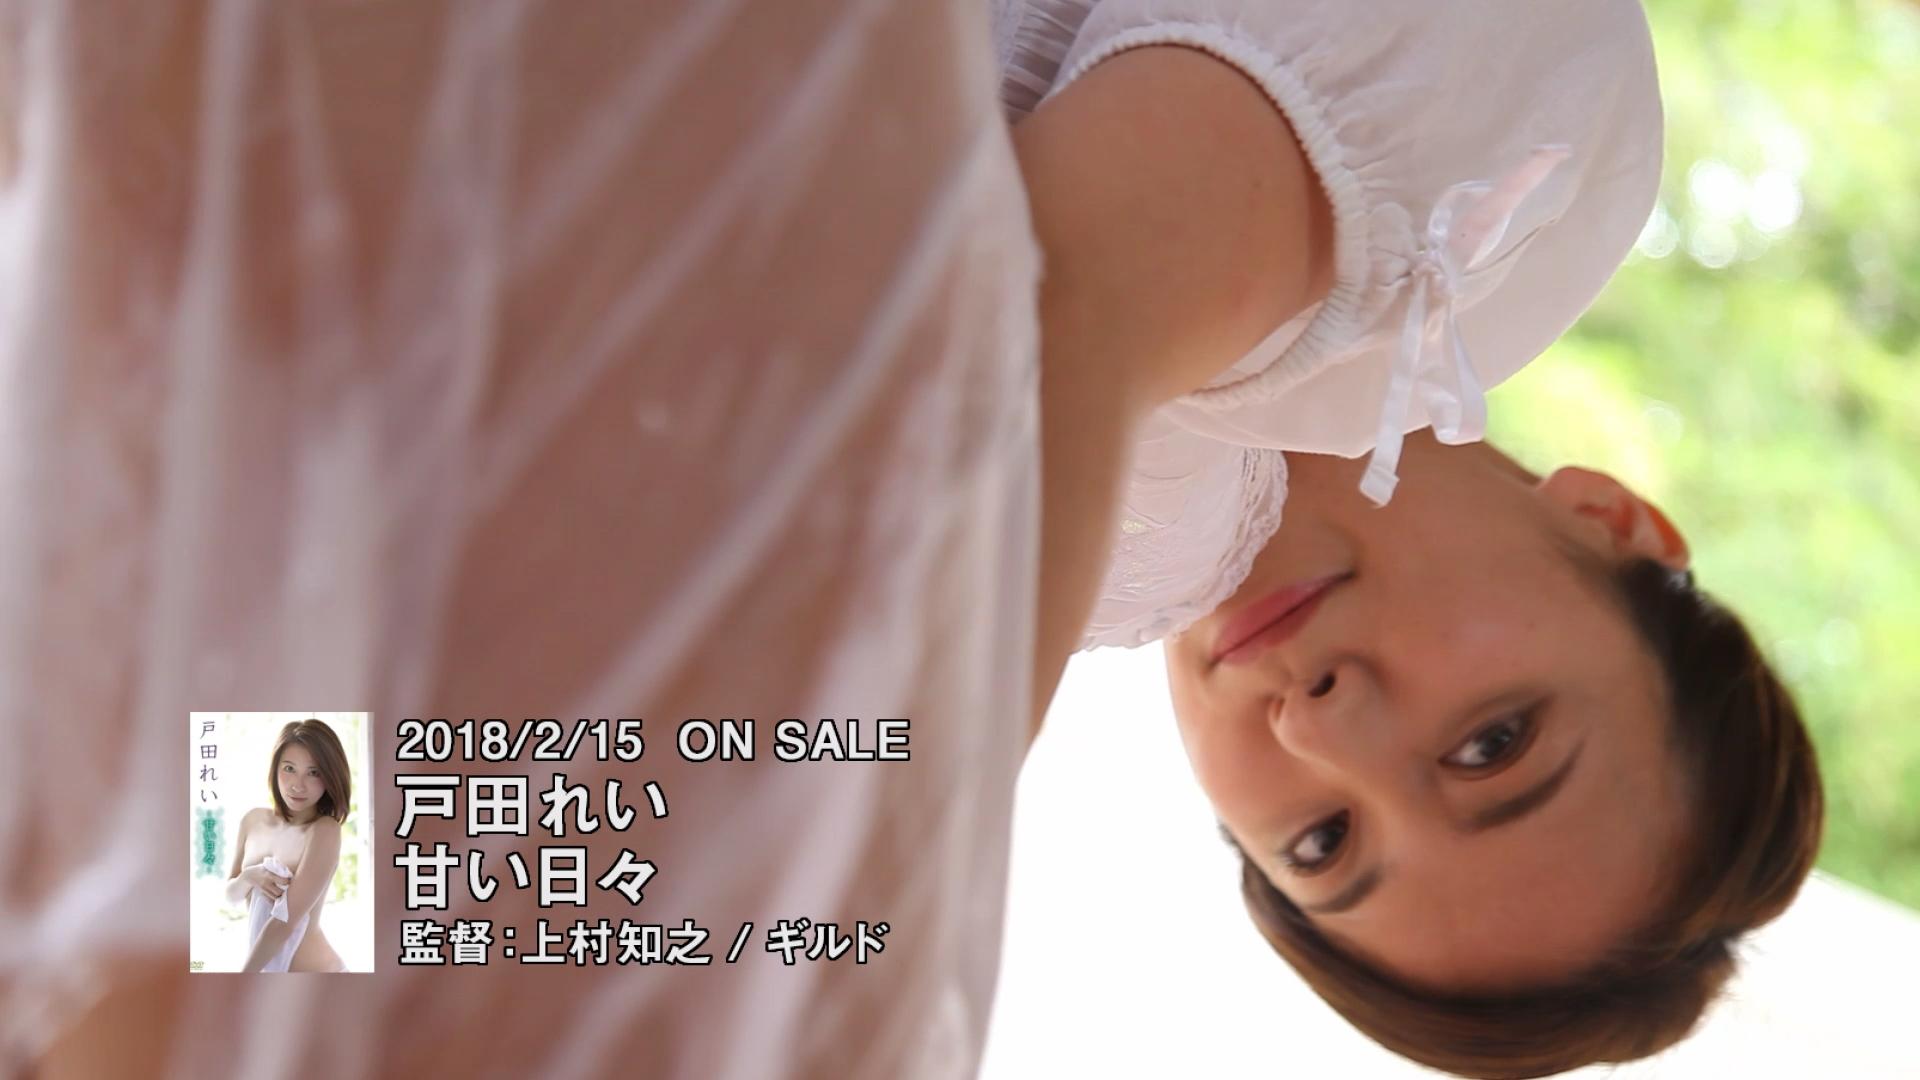 戸田れいのイメージDVDエロ画像024